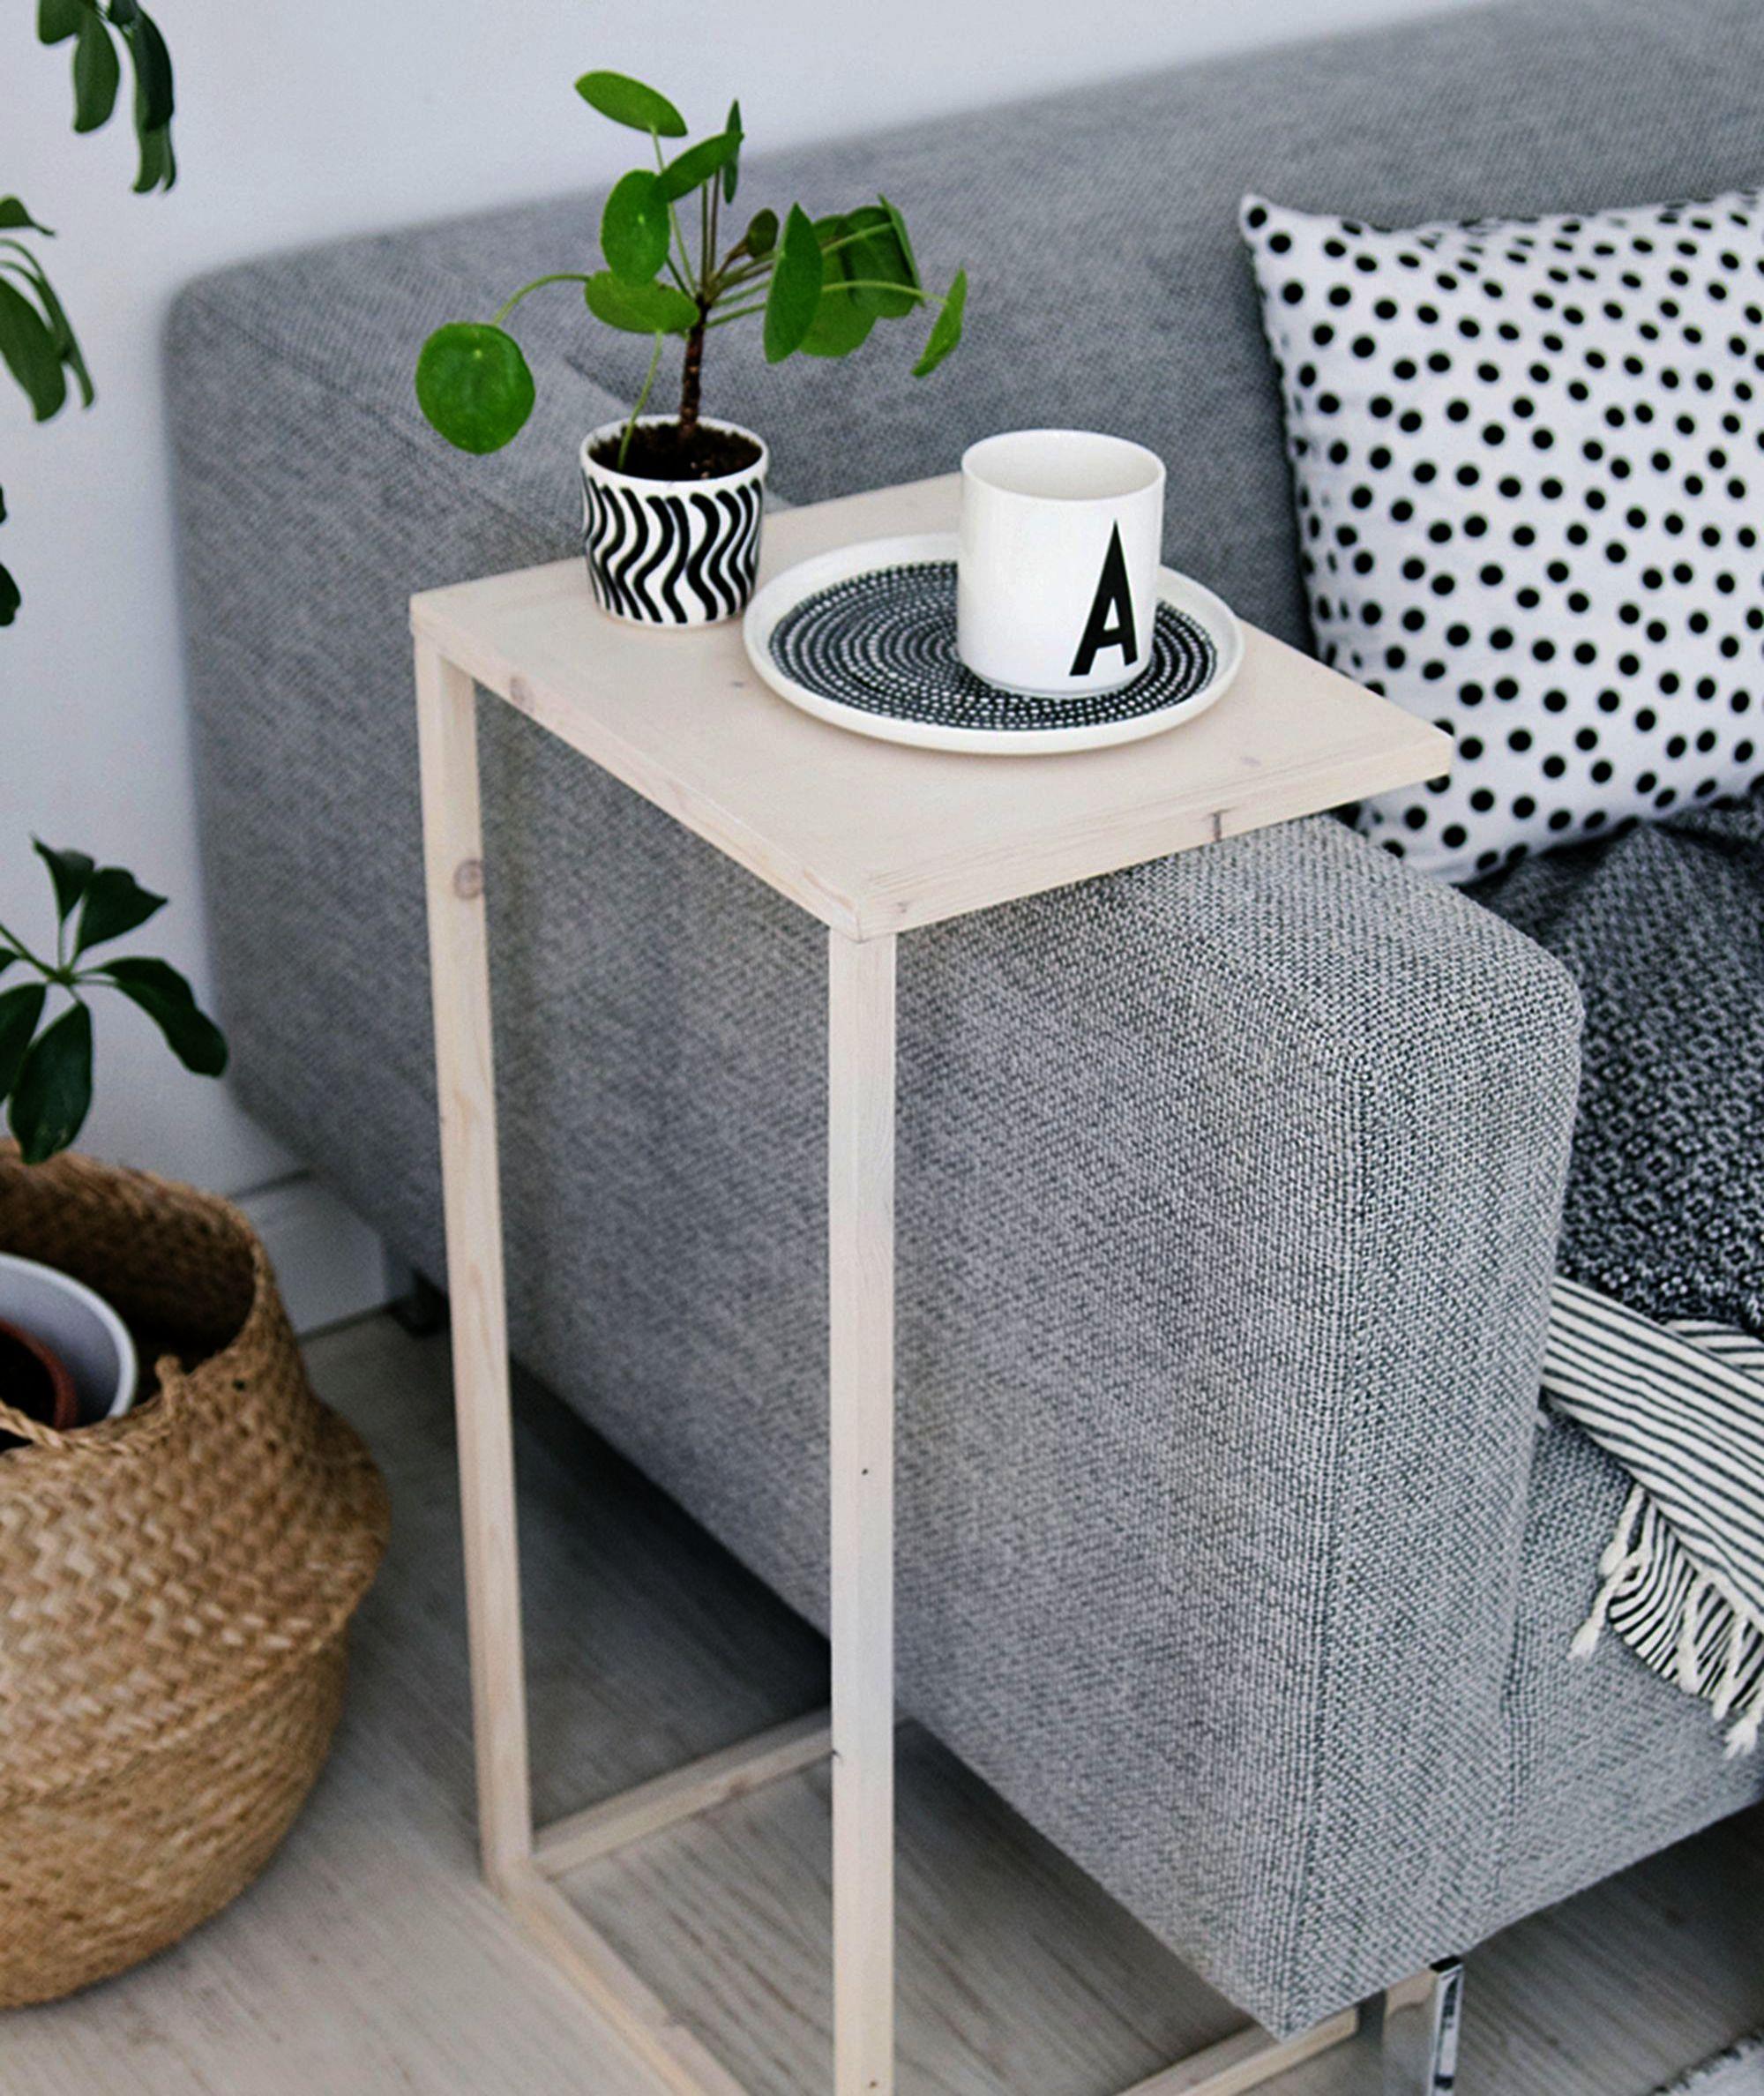 Interior design ideas for living room pdf home decor handicrafts